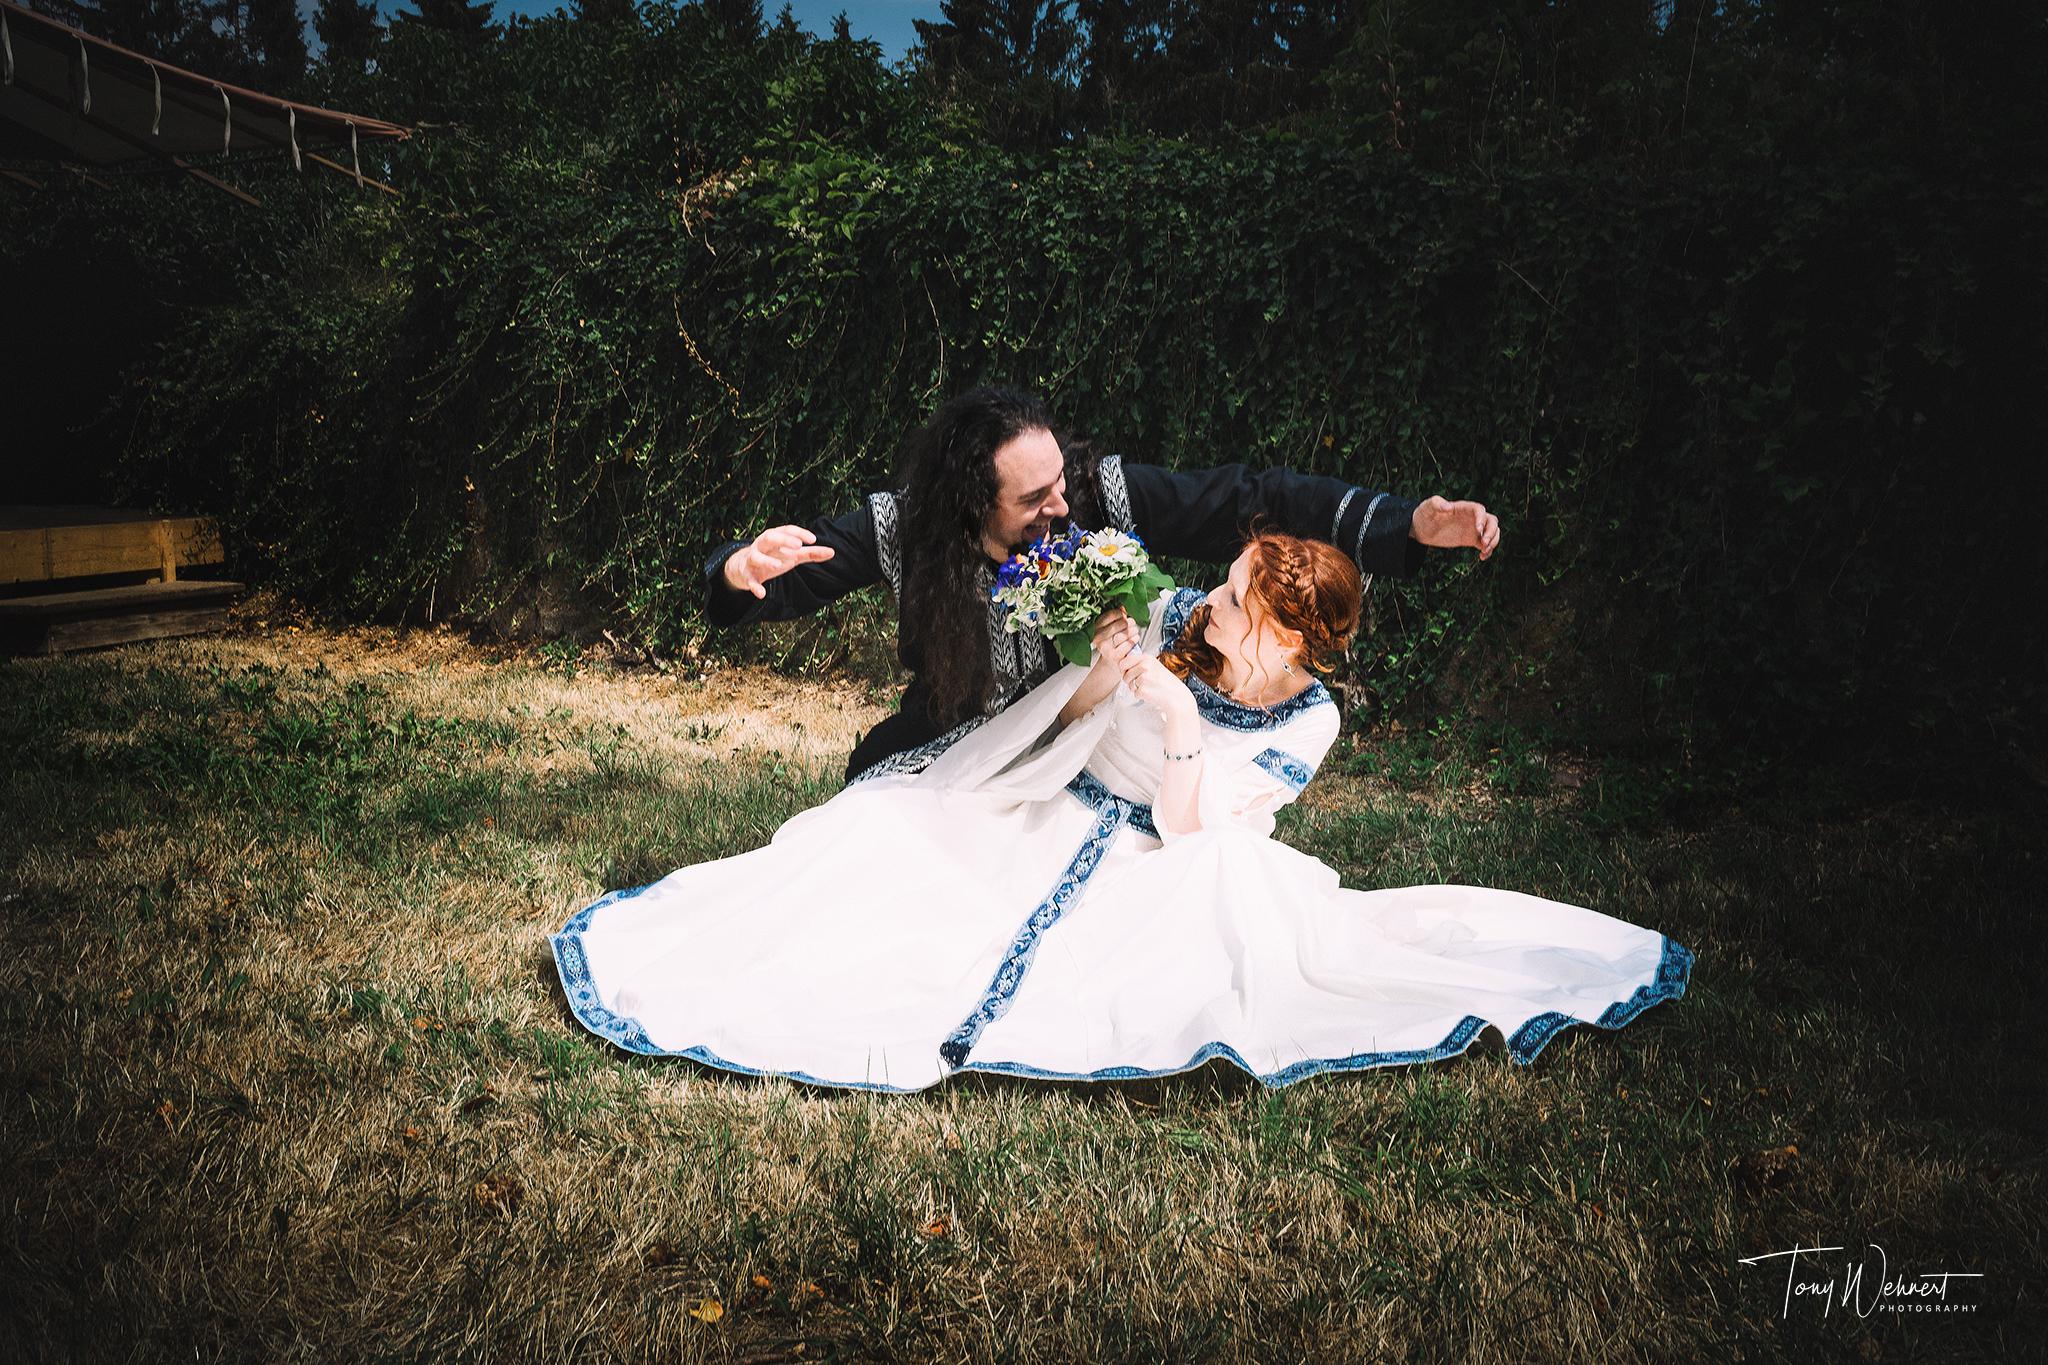 lustiges Hochzeitsbild mit lockerem Pärchen im Mittelalter Setting